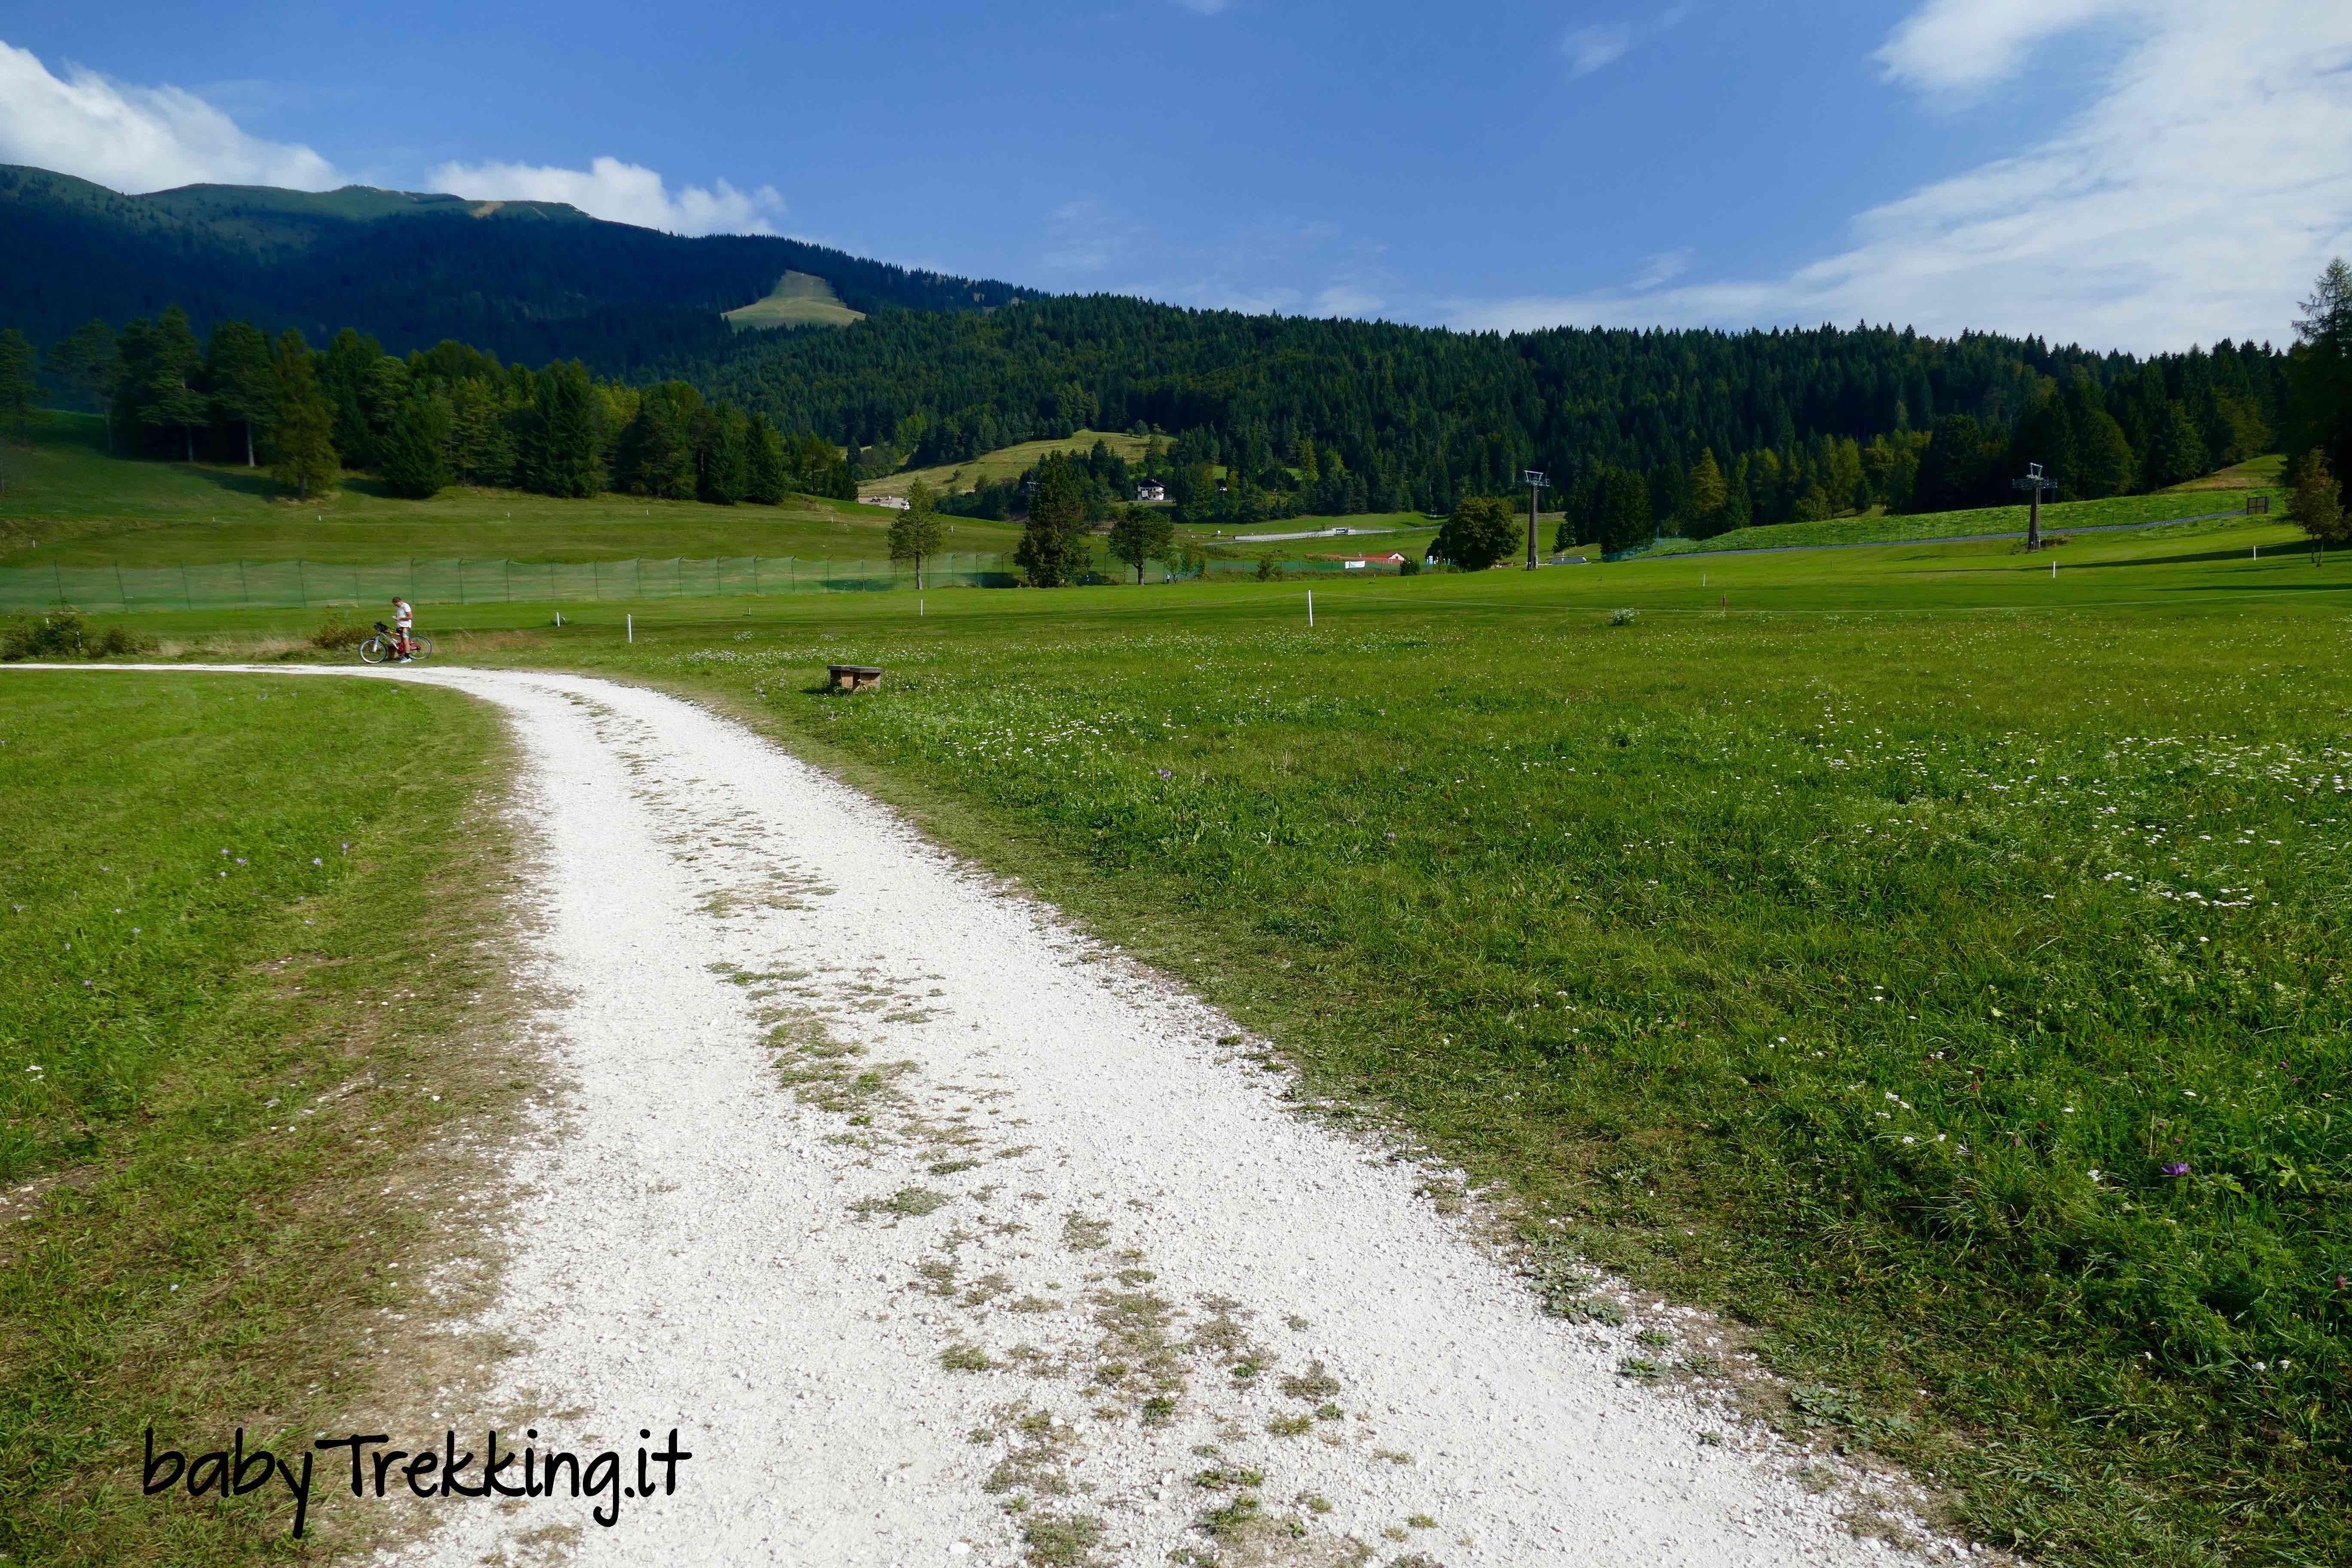 Torbiera di Echen, sull'Alpe Cimbra in passeggino alla scoperta del biotopo